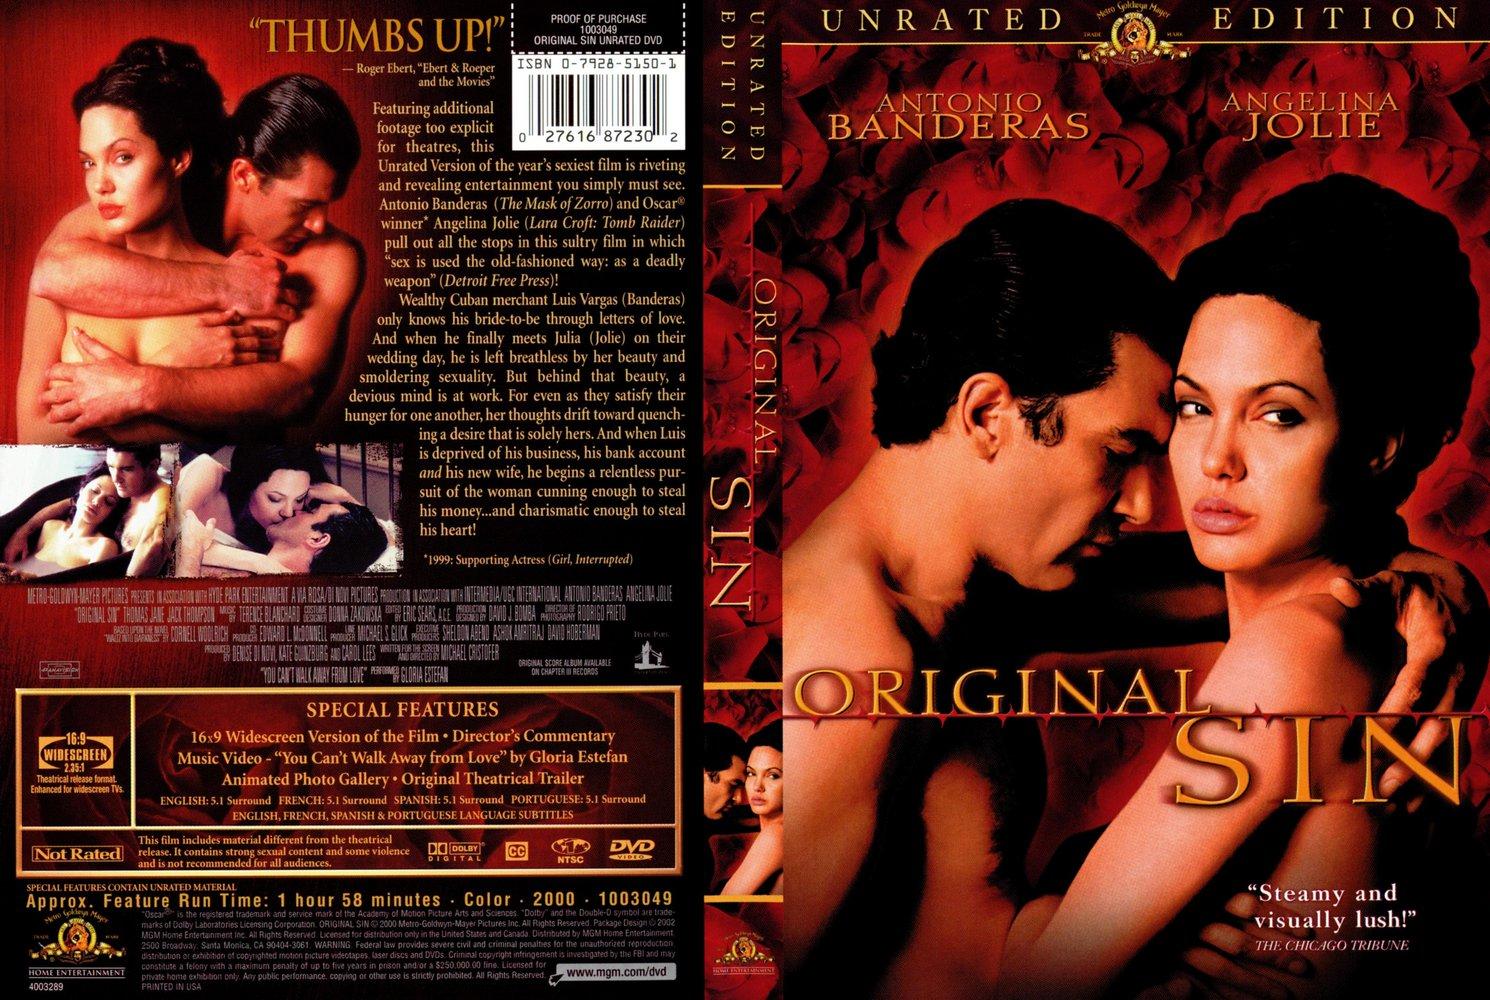 Antonio Banderas Original Sin  Celebrity Big Brother 2014-5865